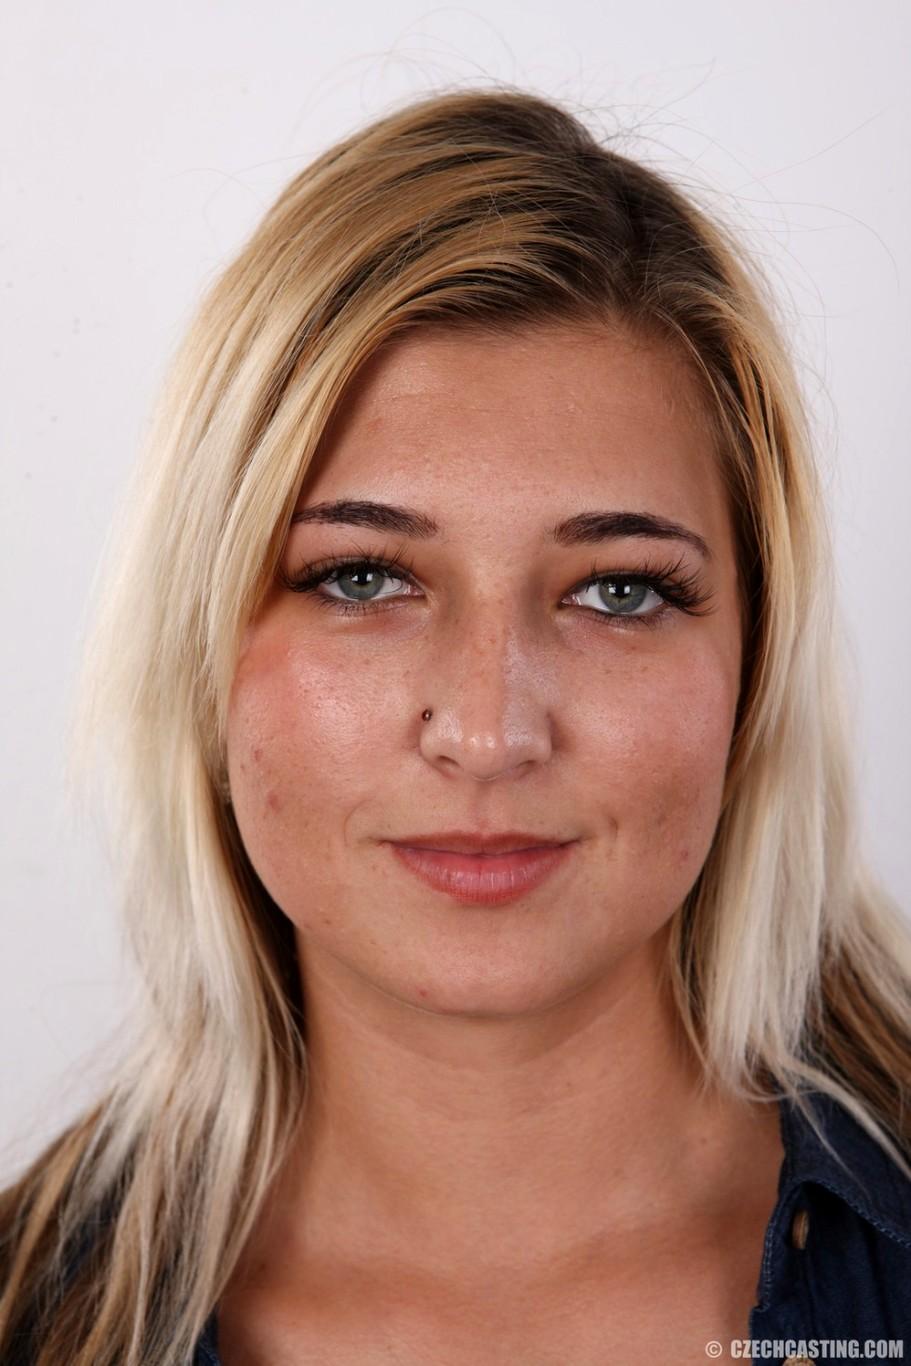 Babe Today Czech Casting Czechcasting Model Online Fat Ass